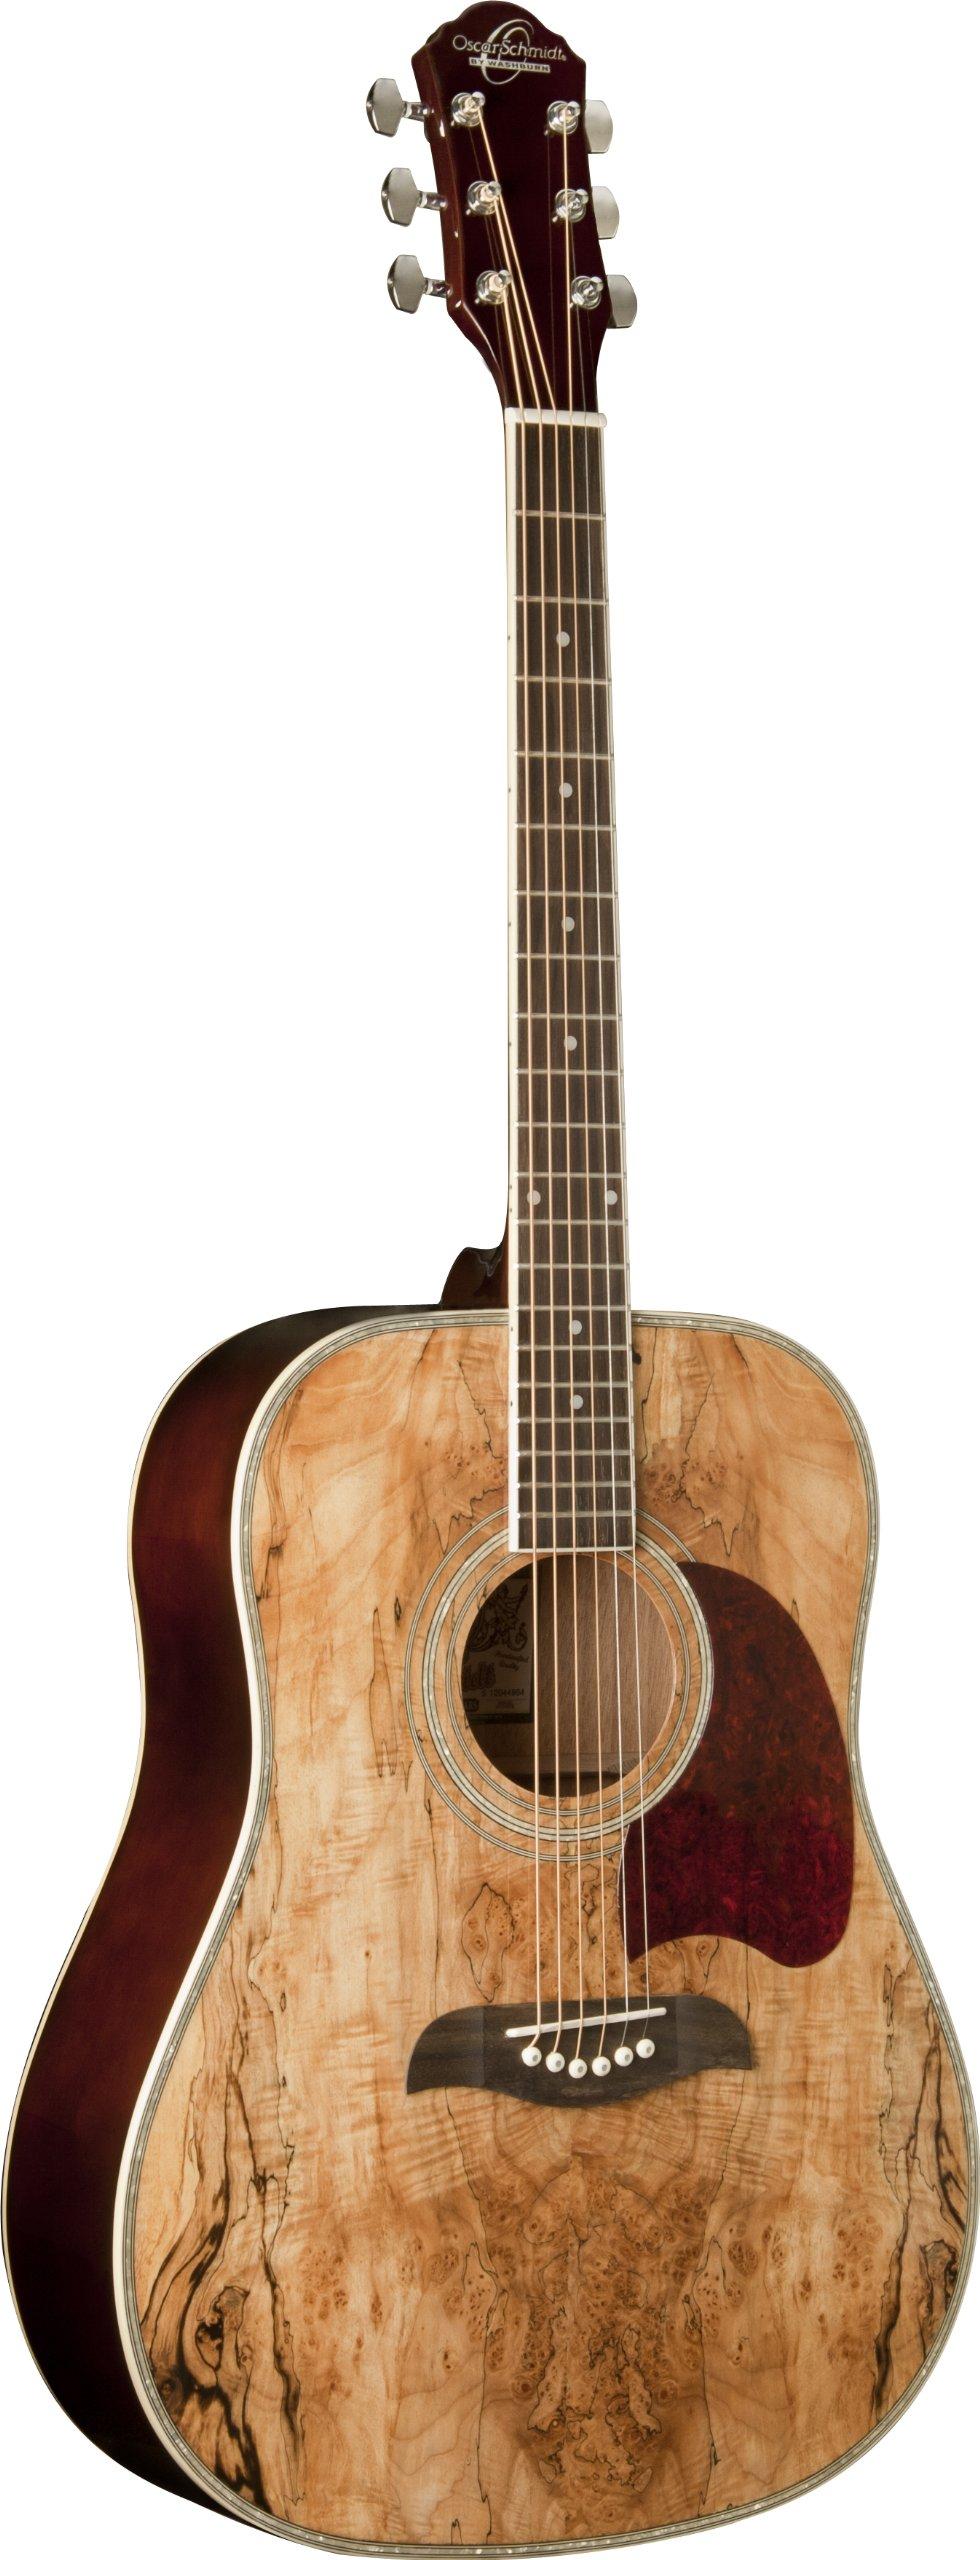 Oscar Schmidt OG2SM   Acoustic Guitar - Spalted Maple by Oscar Schmidt